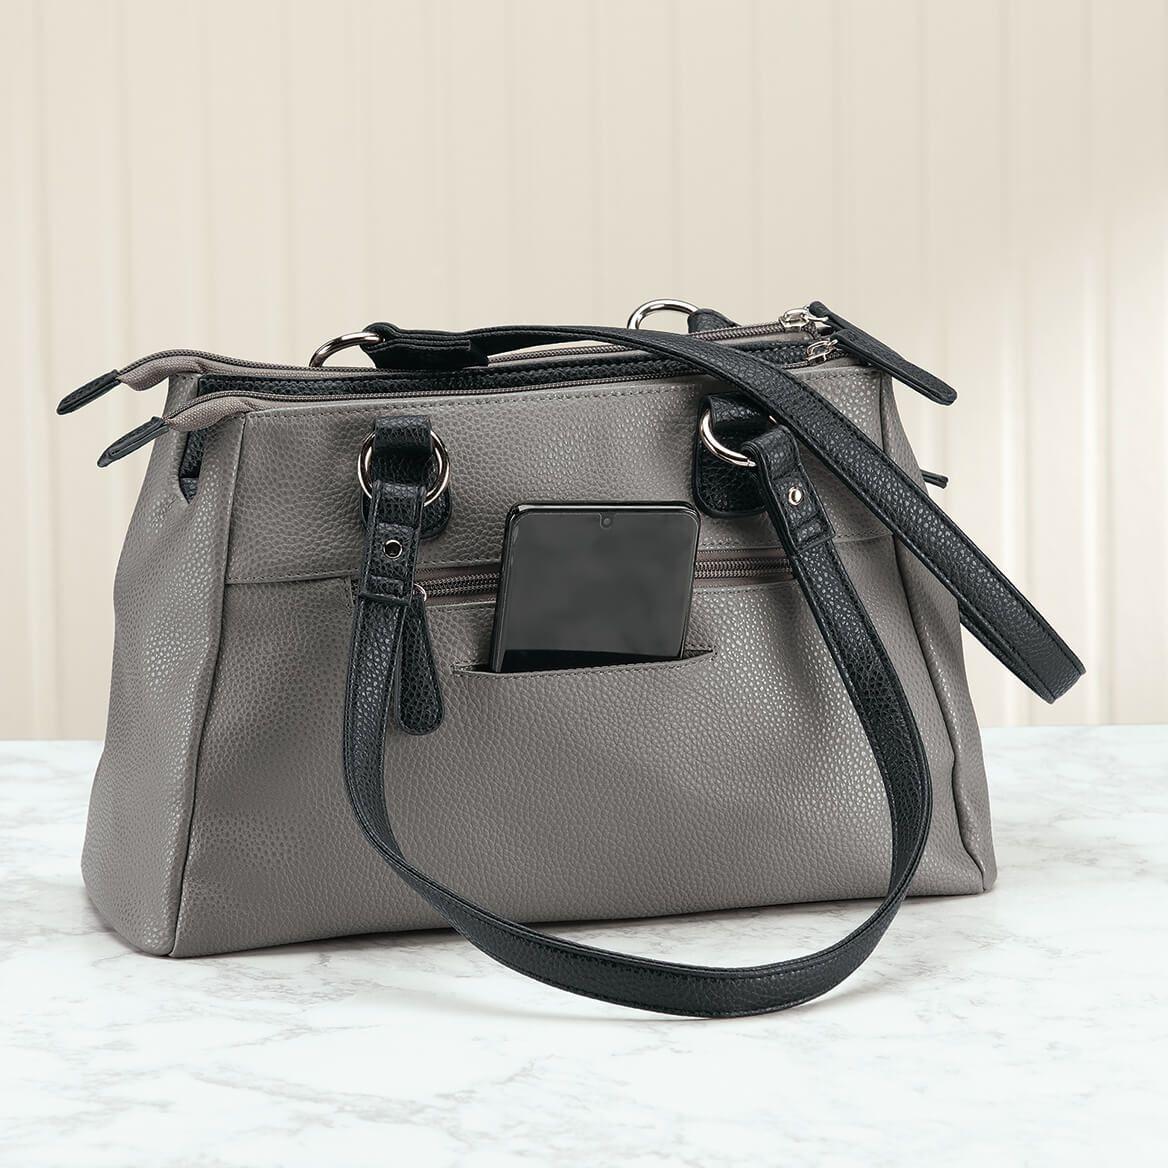 B. Amici™ Nicole RFID Greenwich Multi Pocket Leather Satchel-372212